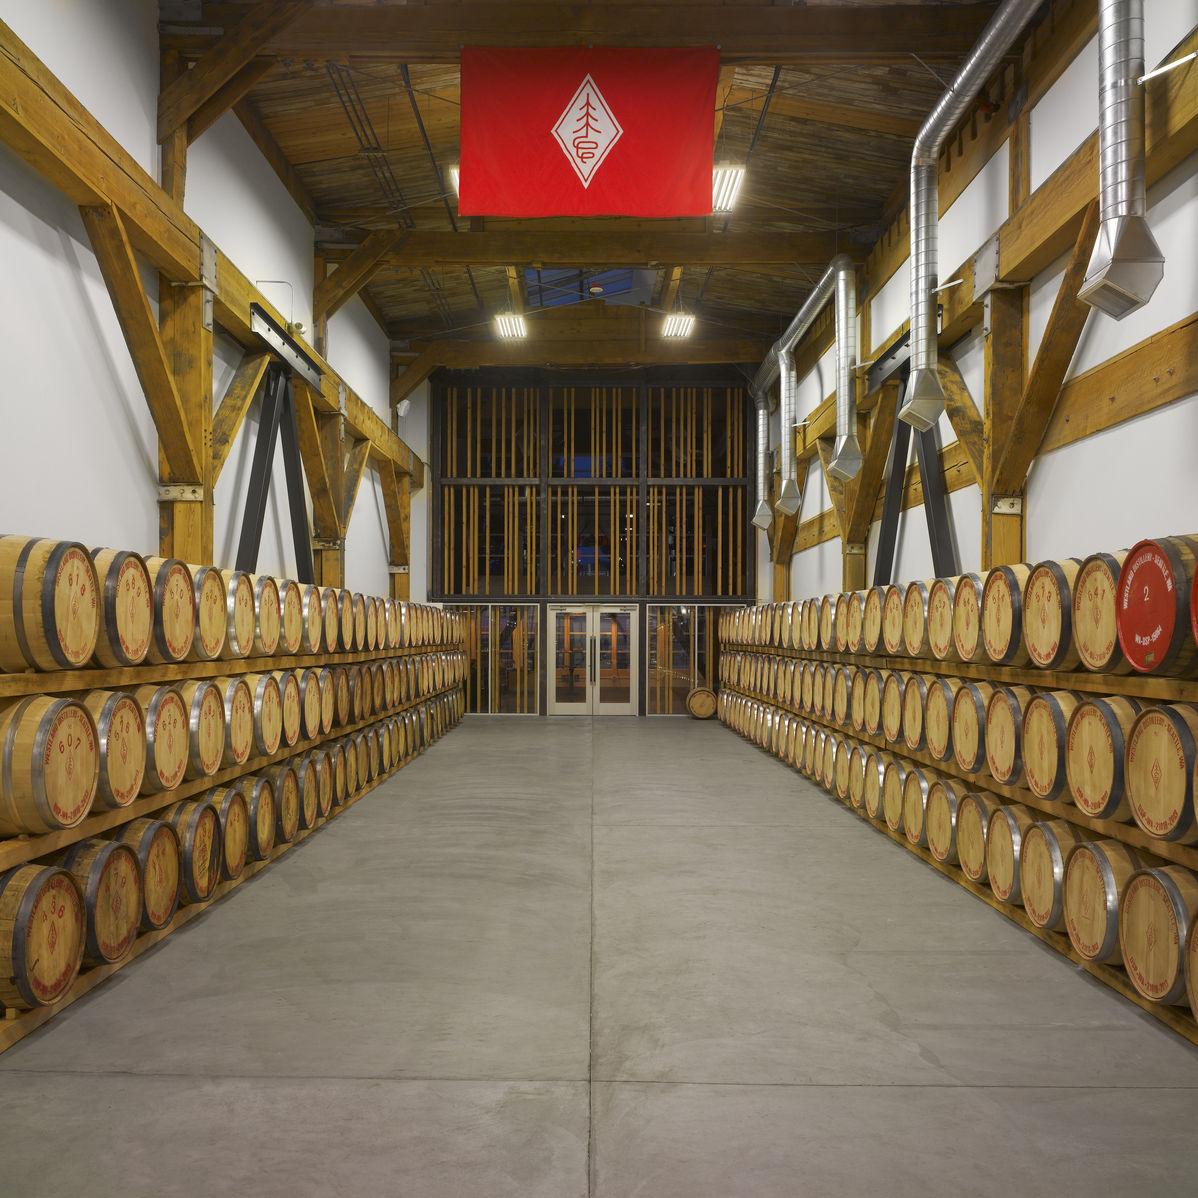 Westland barrel room axchxa